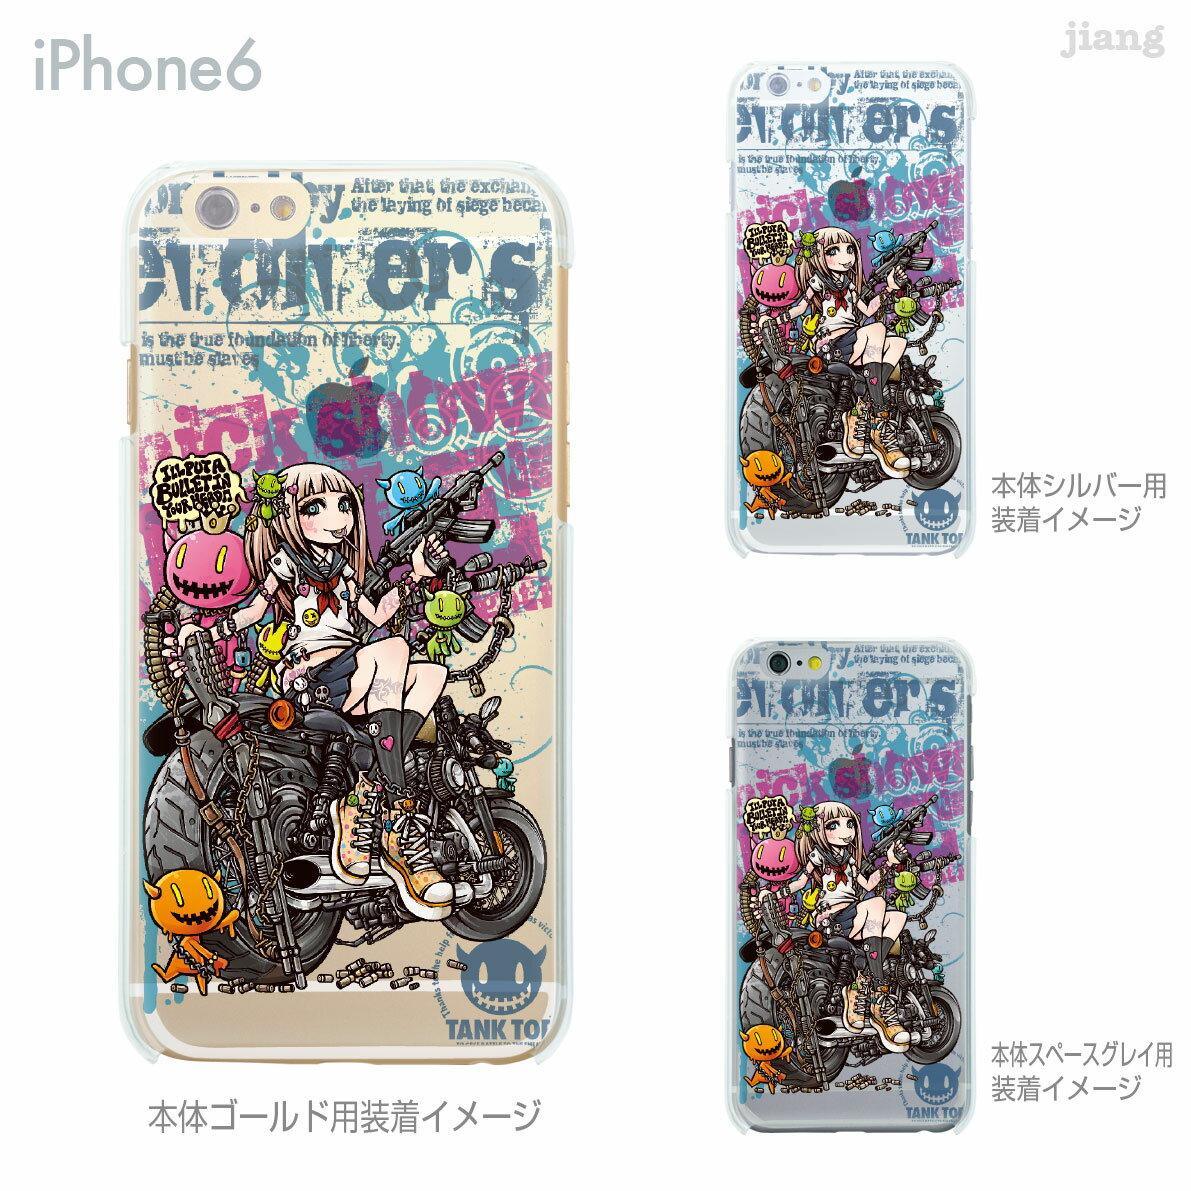 iPhoneX iPhone X ケース iPhone8 iPhone7ケース iPhone7 Plus iPhone6s iPhone6 Plus iphone ハードケース Clear Arts ケース カバー スマホケース クリアケース Project.C.K. TRIGGER HAPPY 11-ip6-ca0025-s